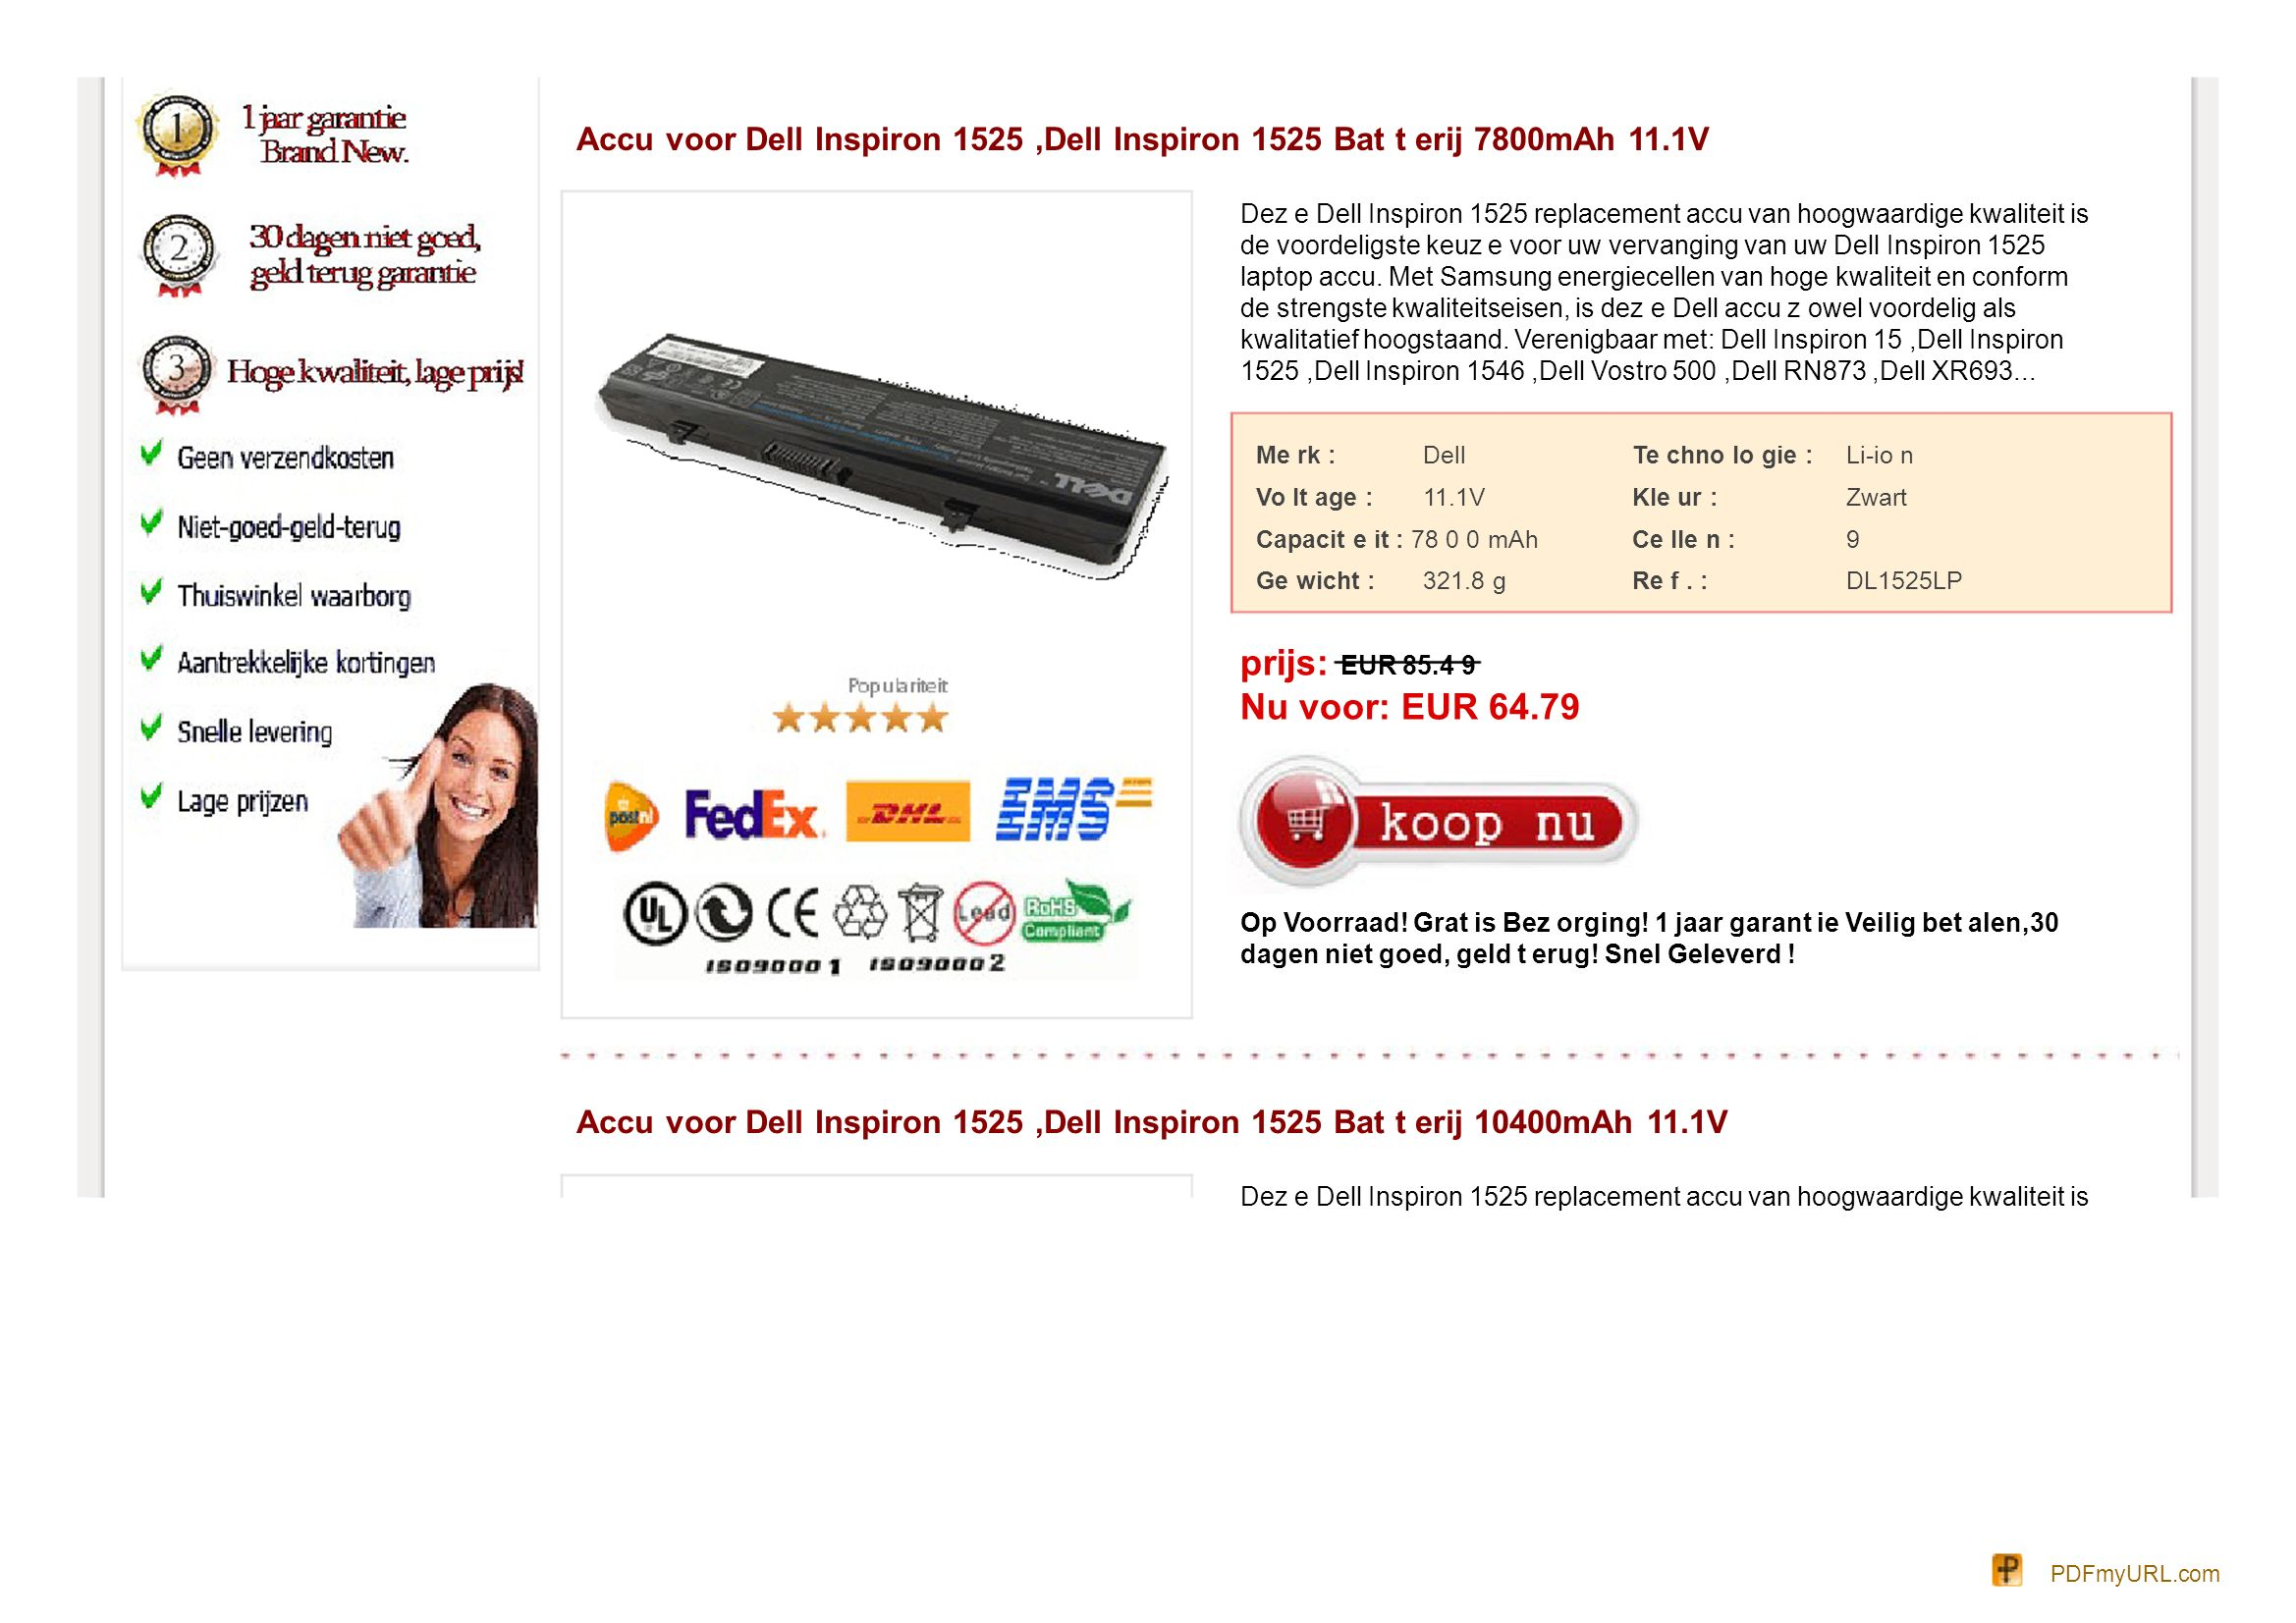 Accu voor Dell Inspiron 1525,Dell Inspiron 1525 Bat t erij 7800mAh 11.1V Dez e Dell Inspiron 1525 replacement accu van hoogwaardige kwaliteit is de voordeligste keuz e voor uw vervanging van uw Dell Inspiron 1525 laptop accu.